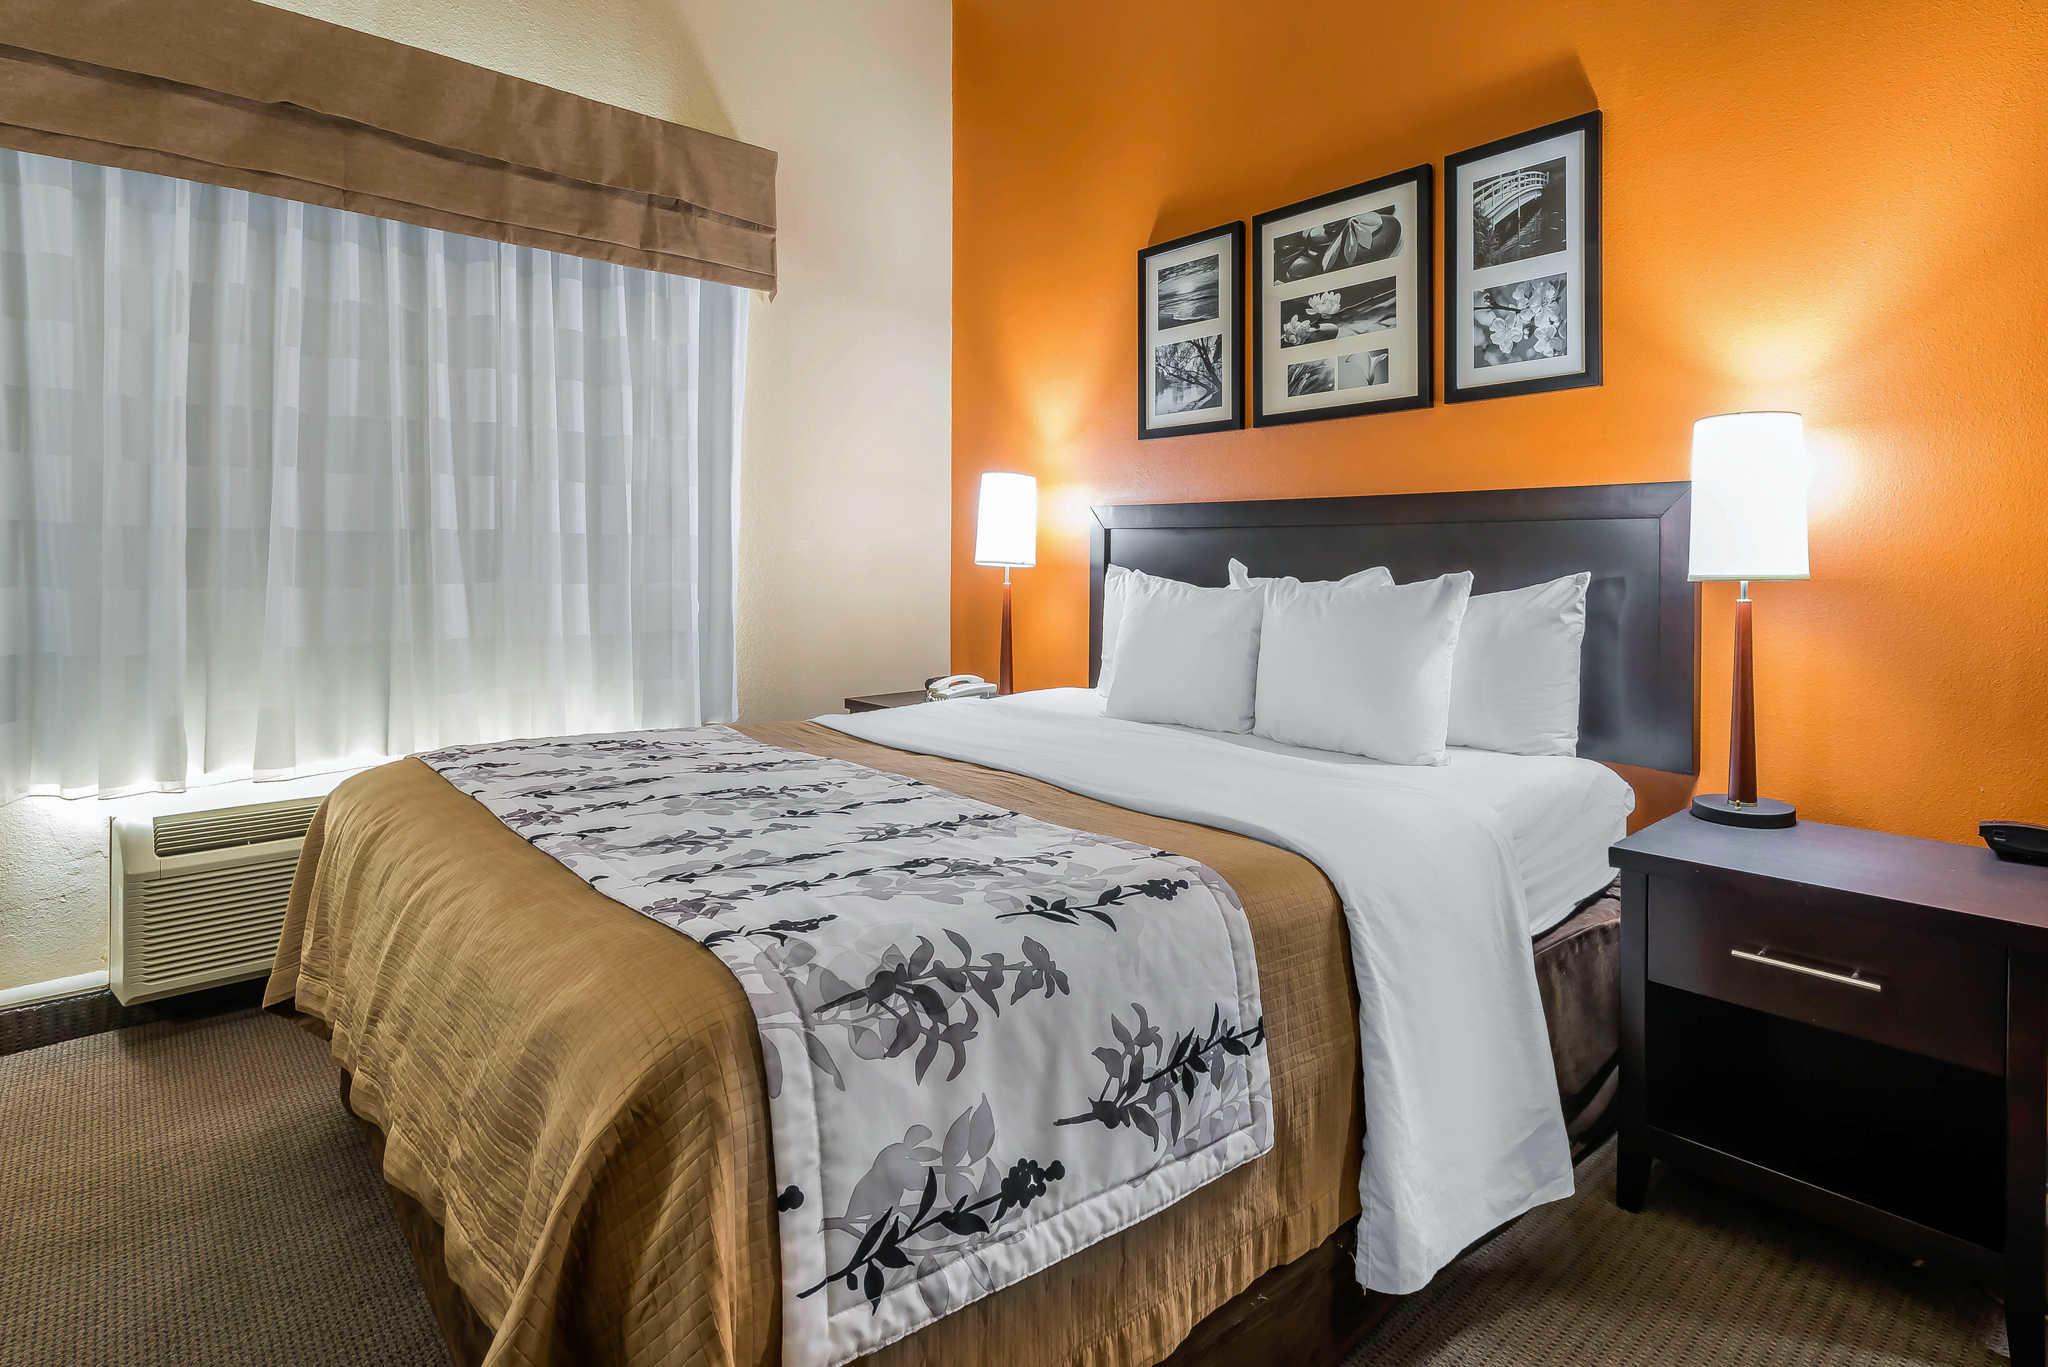 Sleep Inn & Suites Ocala - Belleview image 0